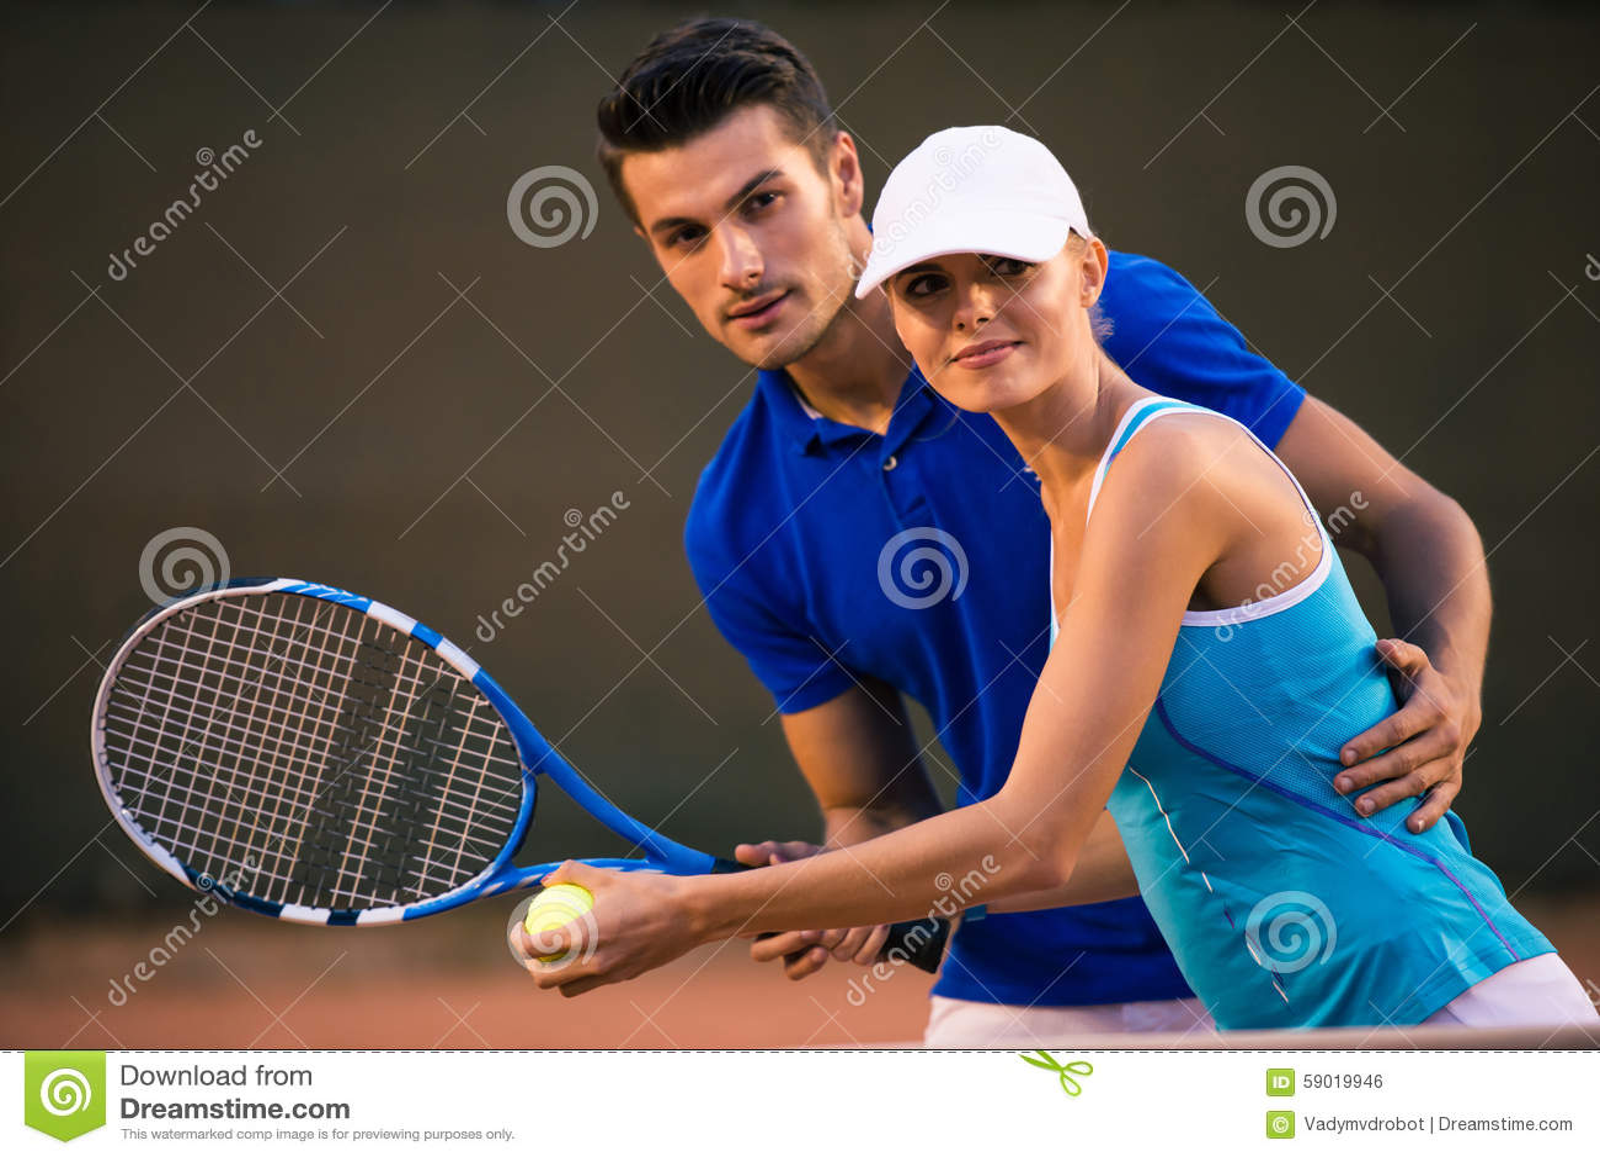 Hur spelar man tennis